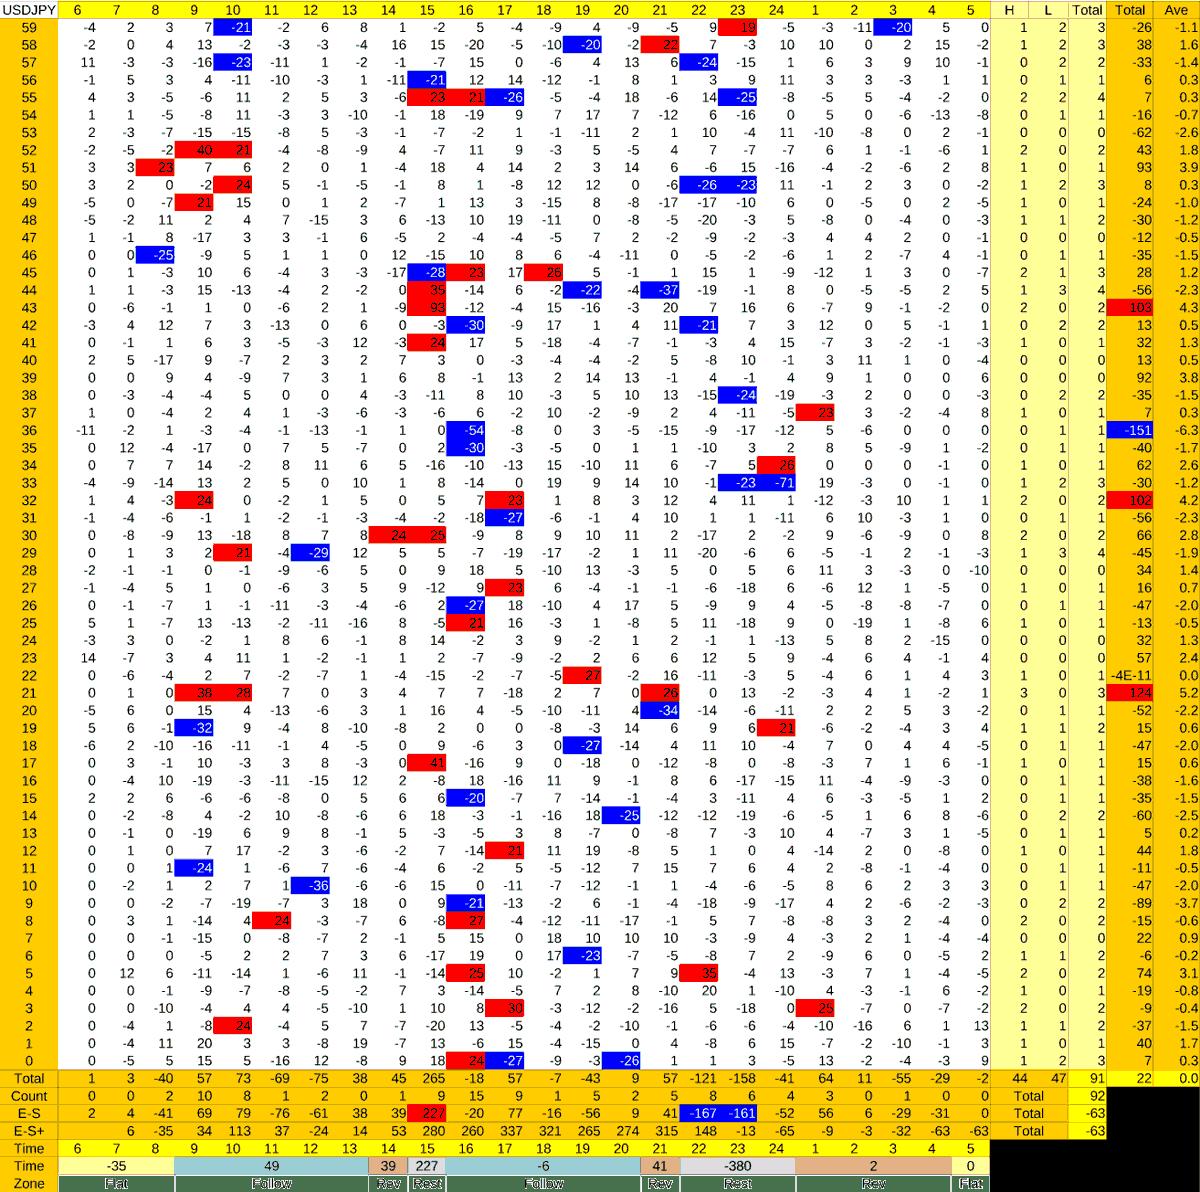 20210420_HS(1)USDJPY-min